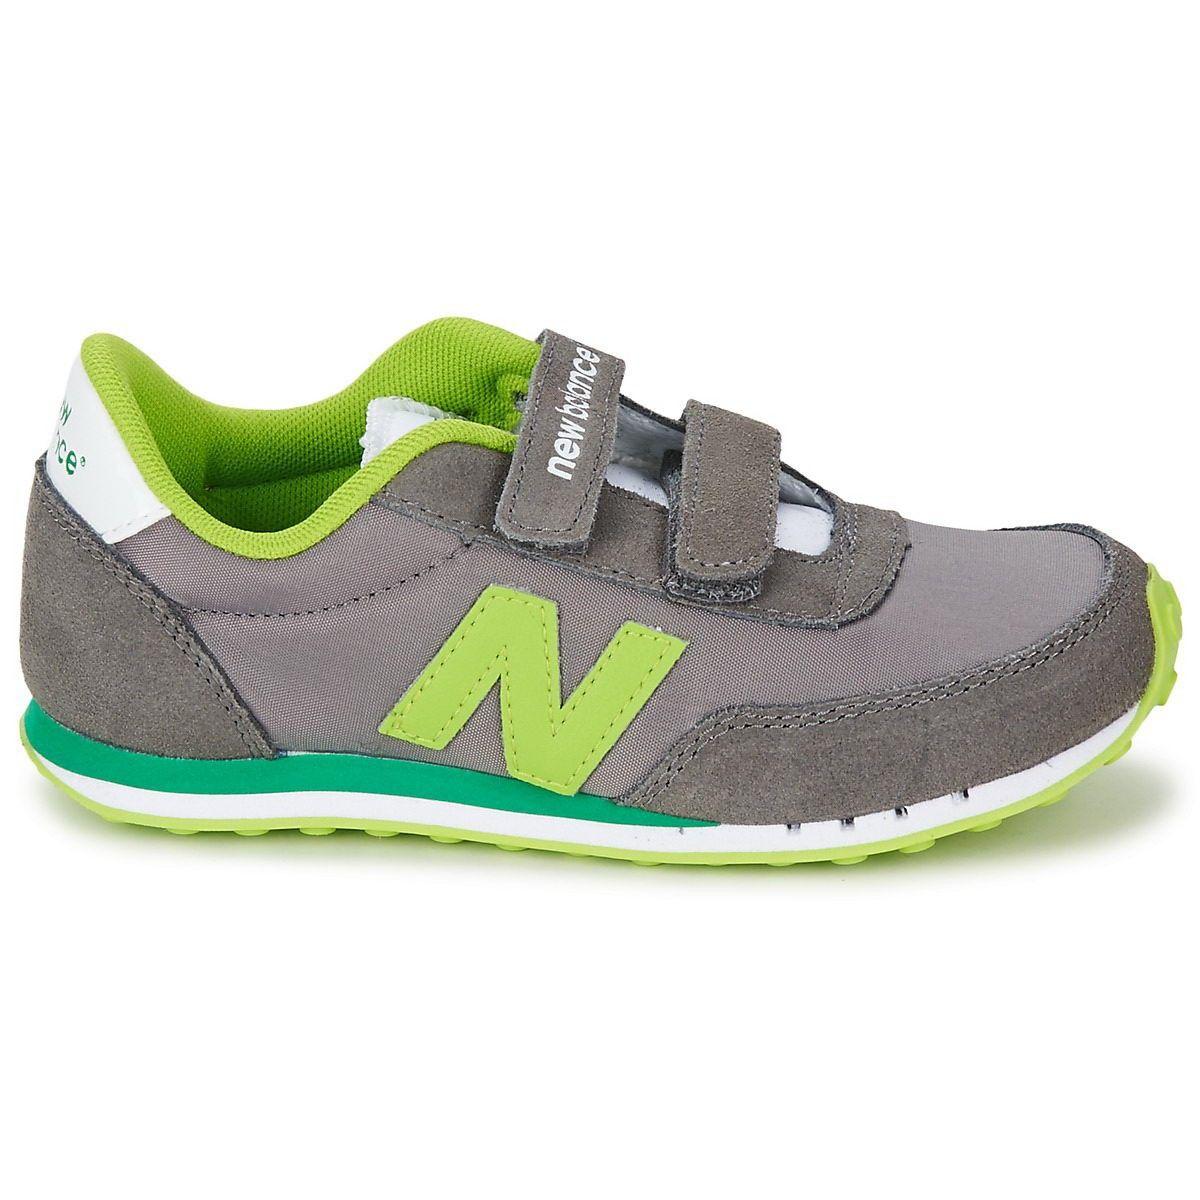 555eba6fd1 Cheap New Balance Ke410 Grey Green For Kid #NewBalance #NB998 ...